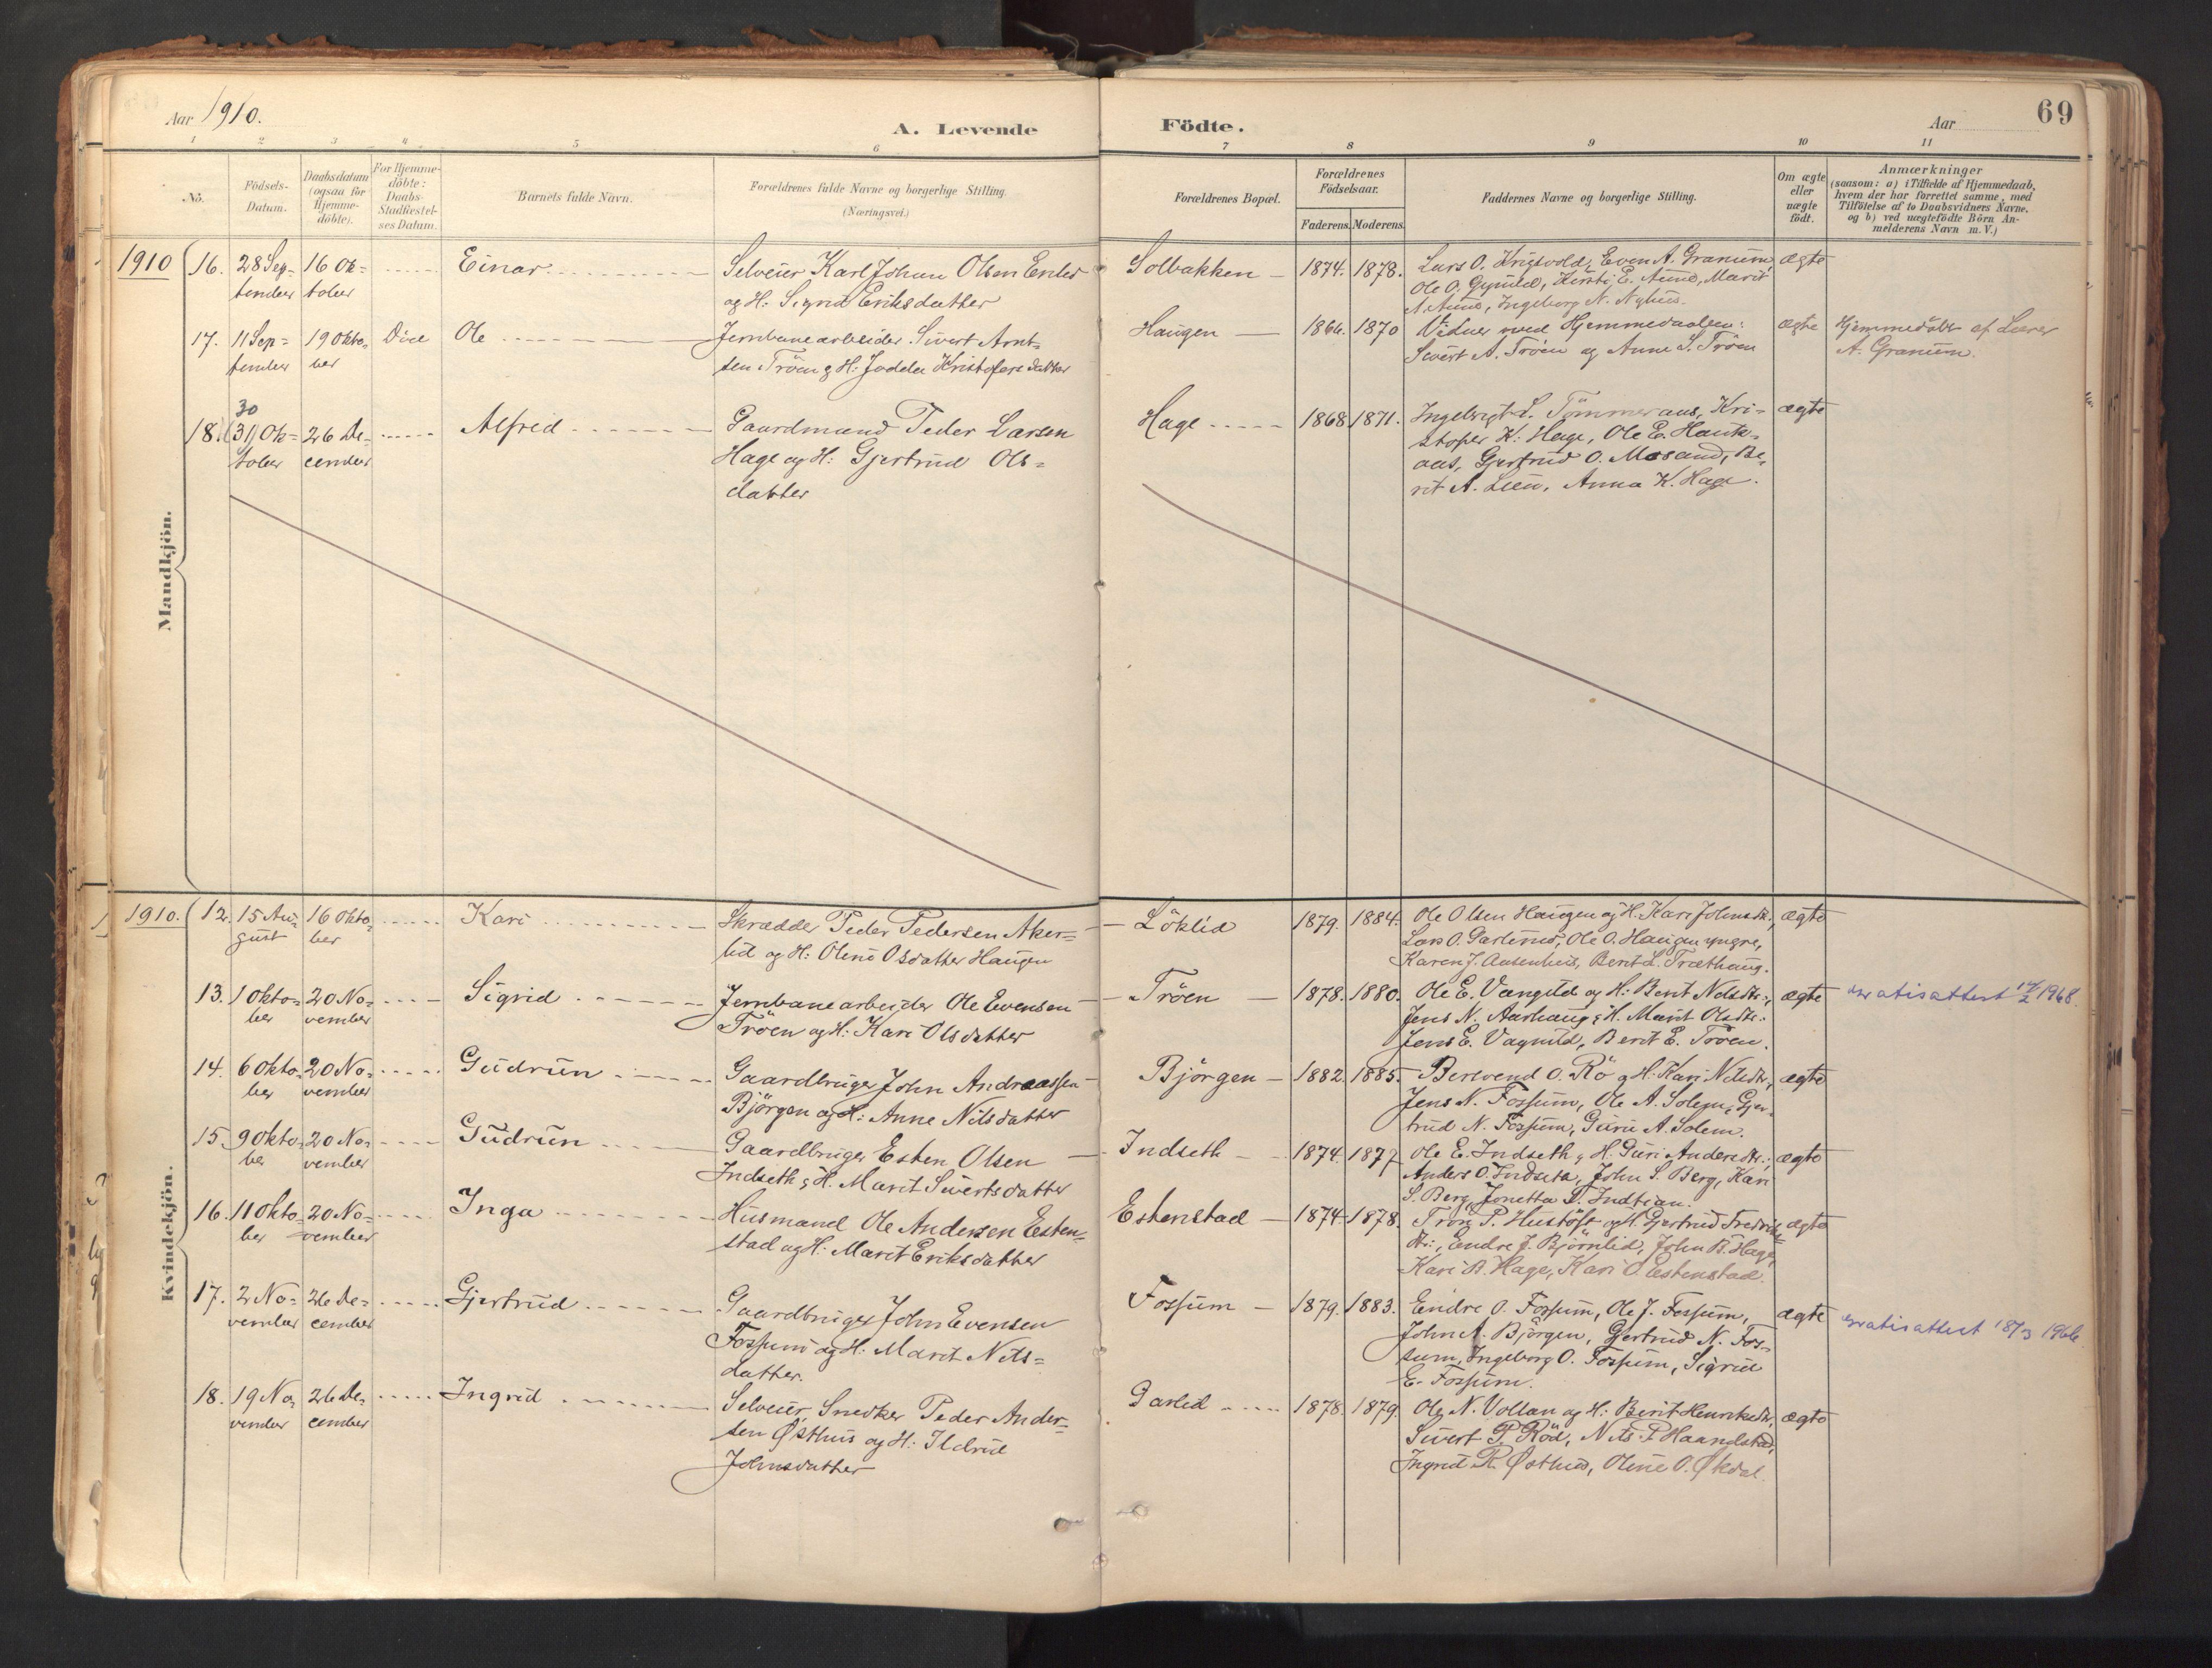 SAT, Ministerialprotokoller, klokkerbøker og fødselsregistre - Sør-Trøndelag, 689/L1041: Ministerialbok nr. 689A06, 1891-1923, s. 69